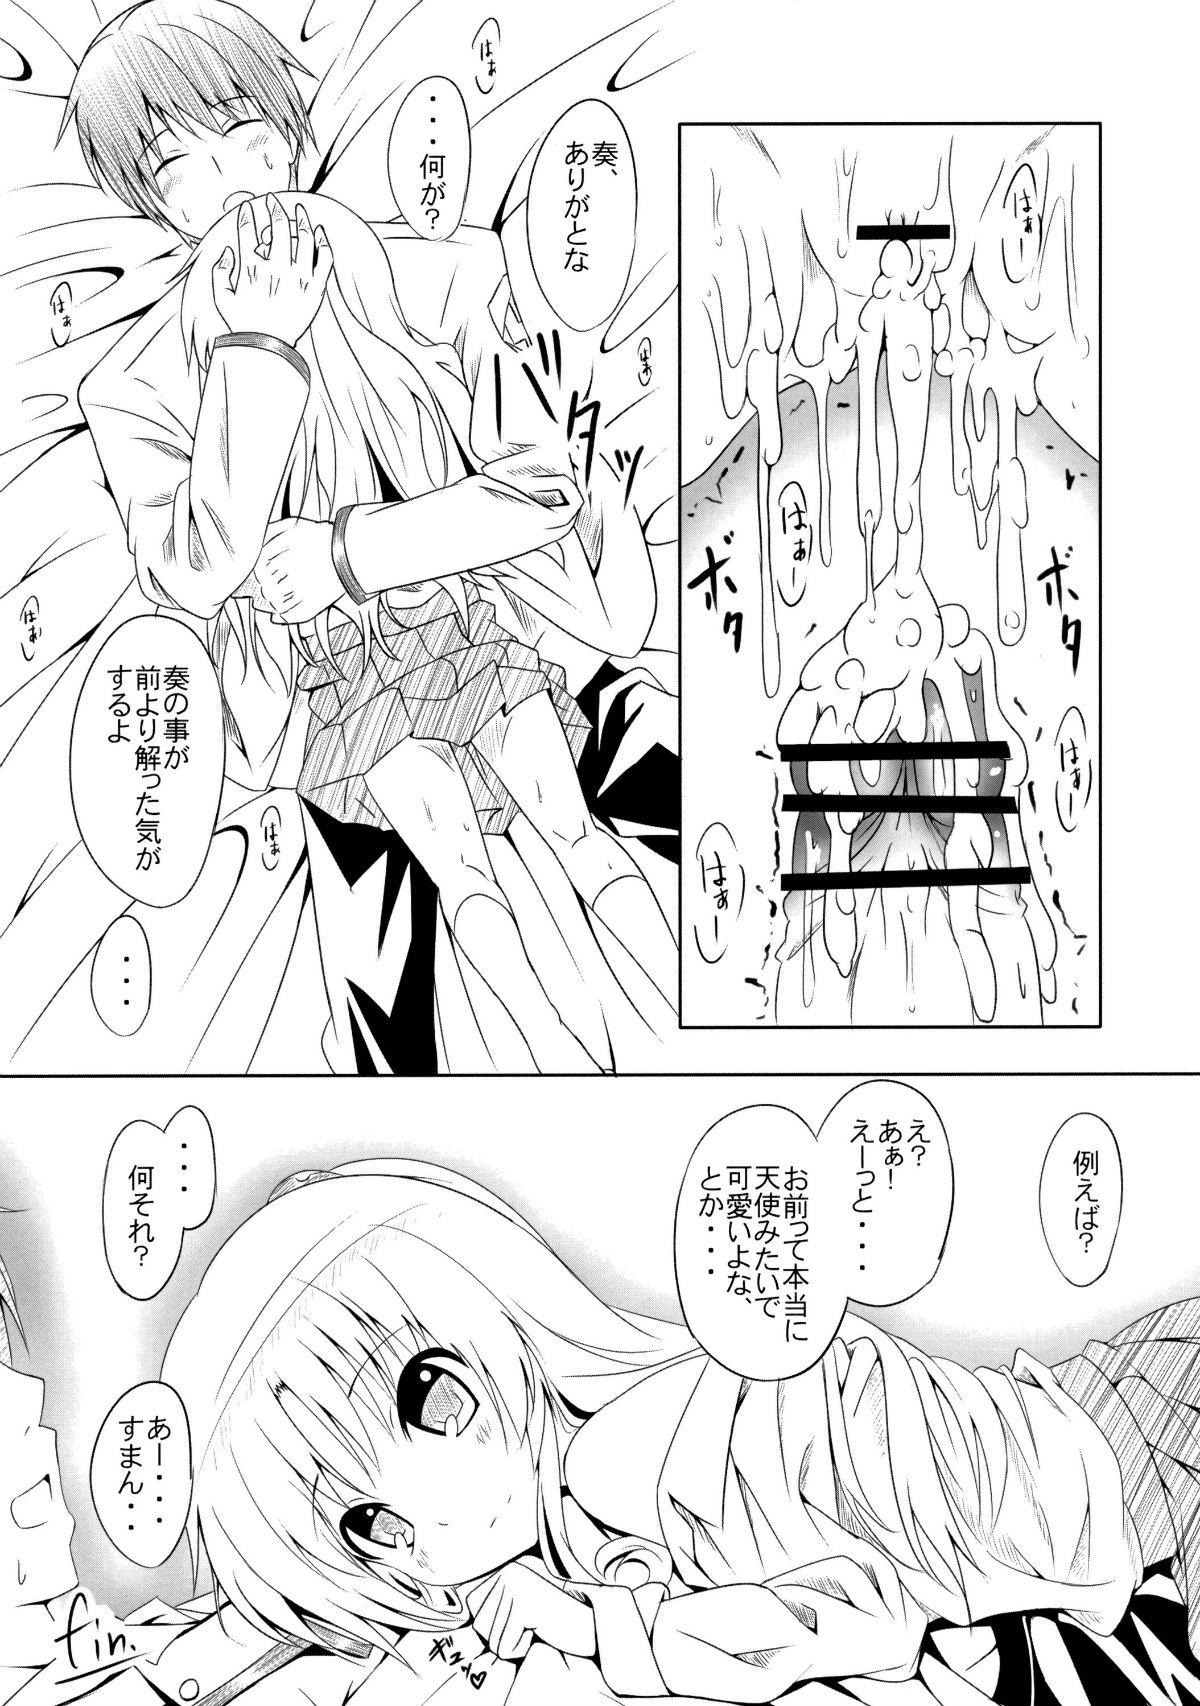 绅士漫画之兔纱子触手